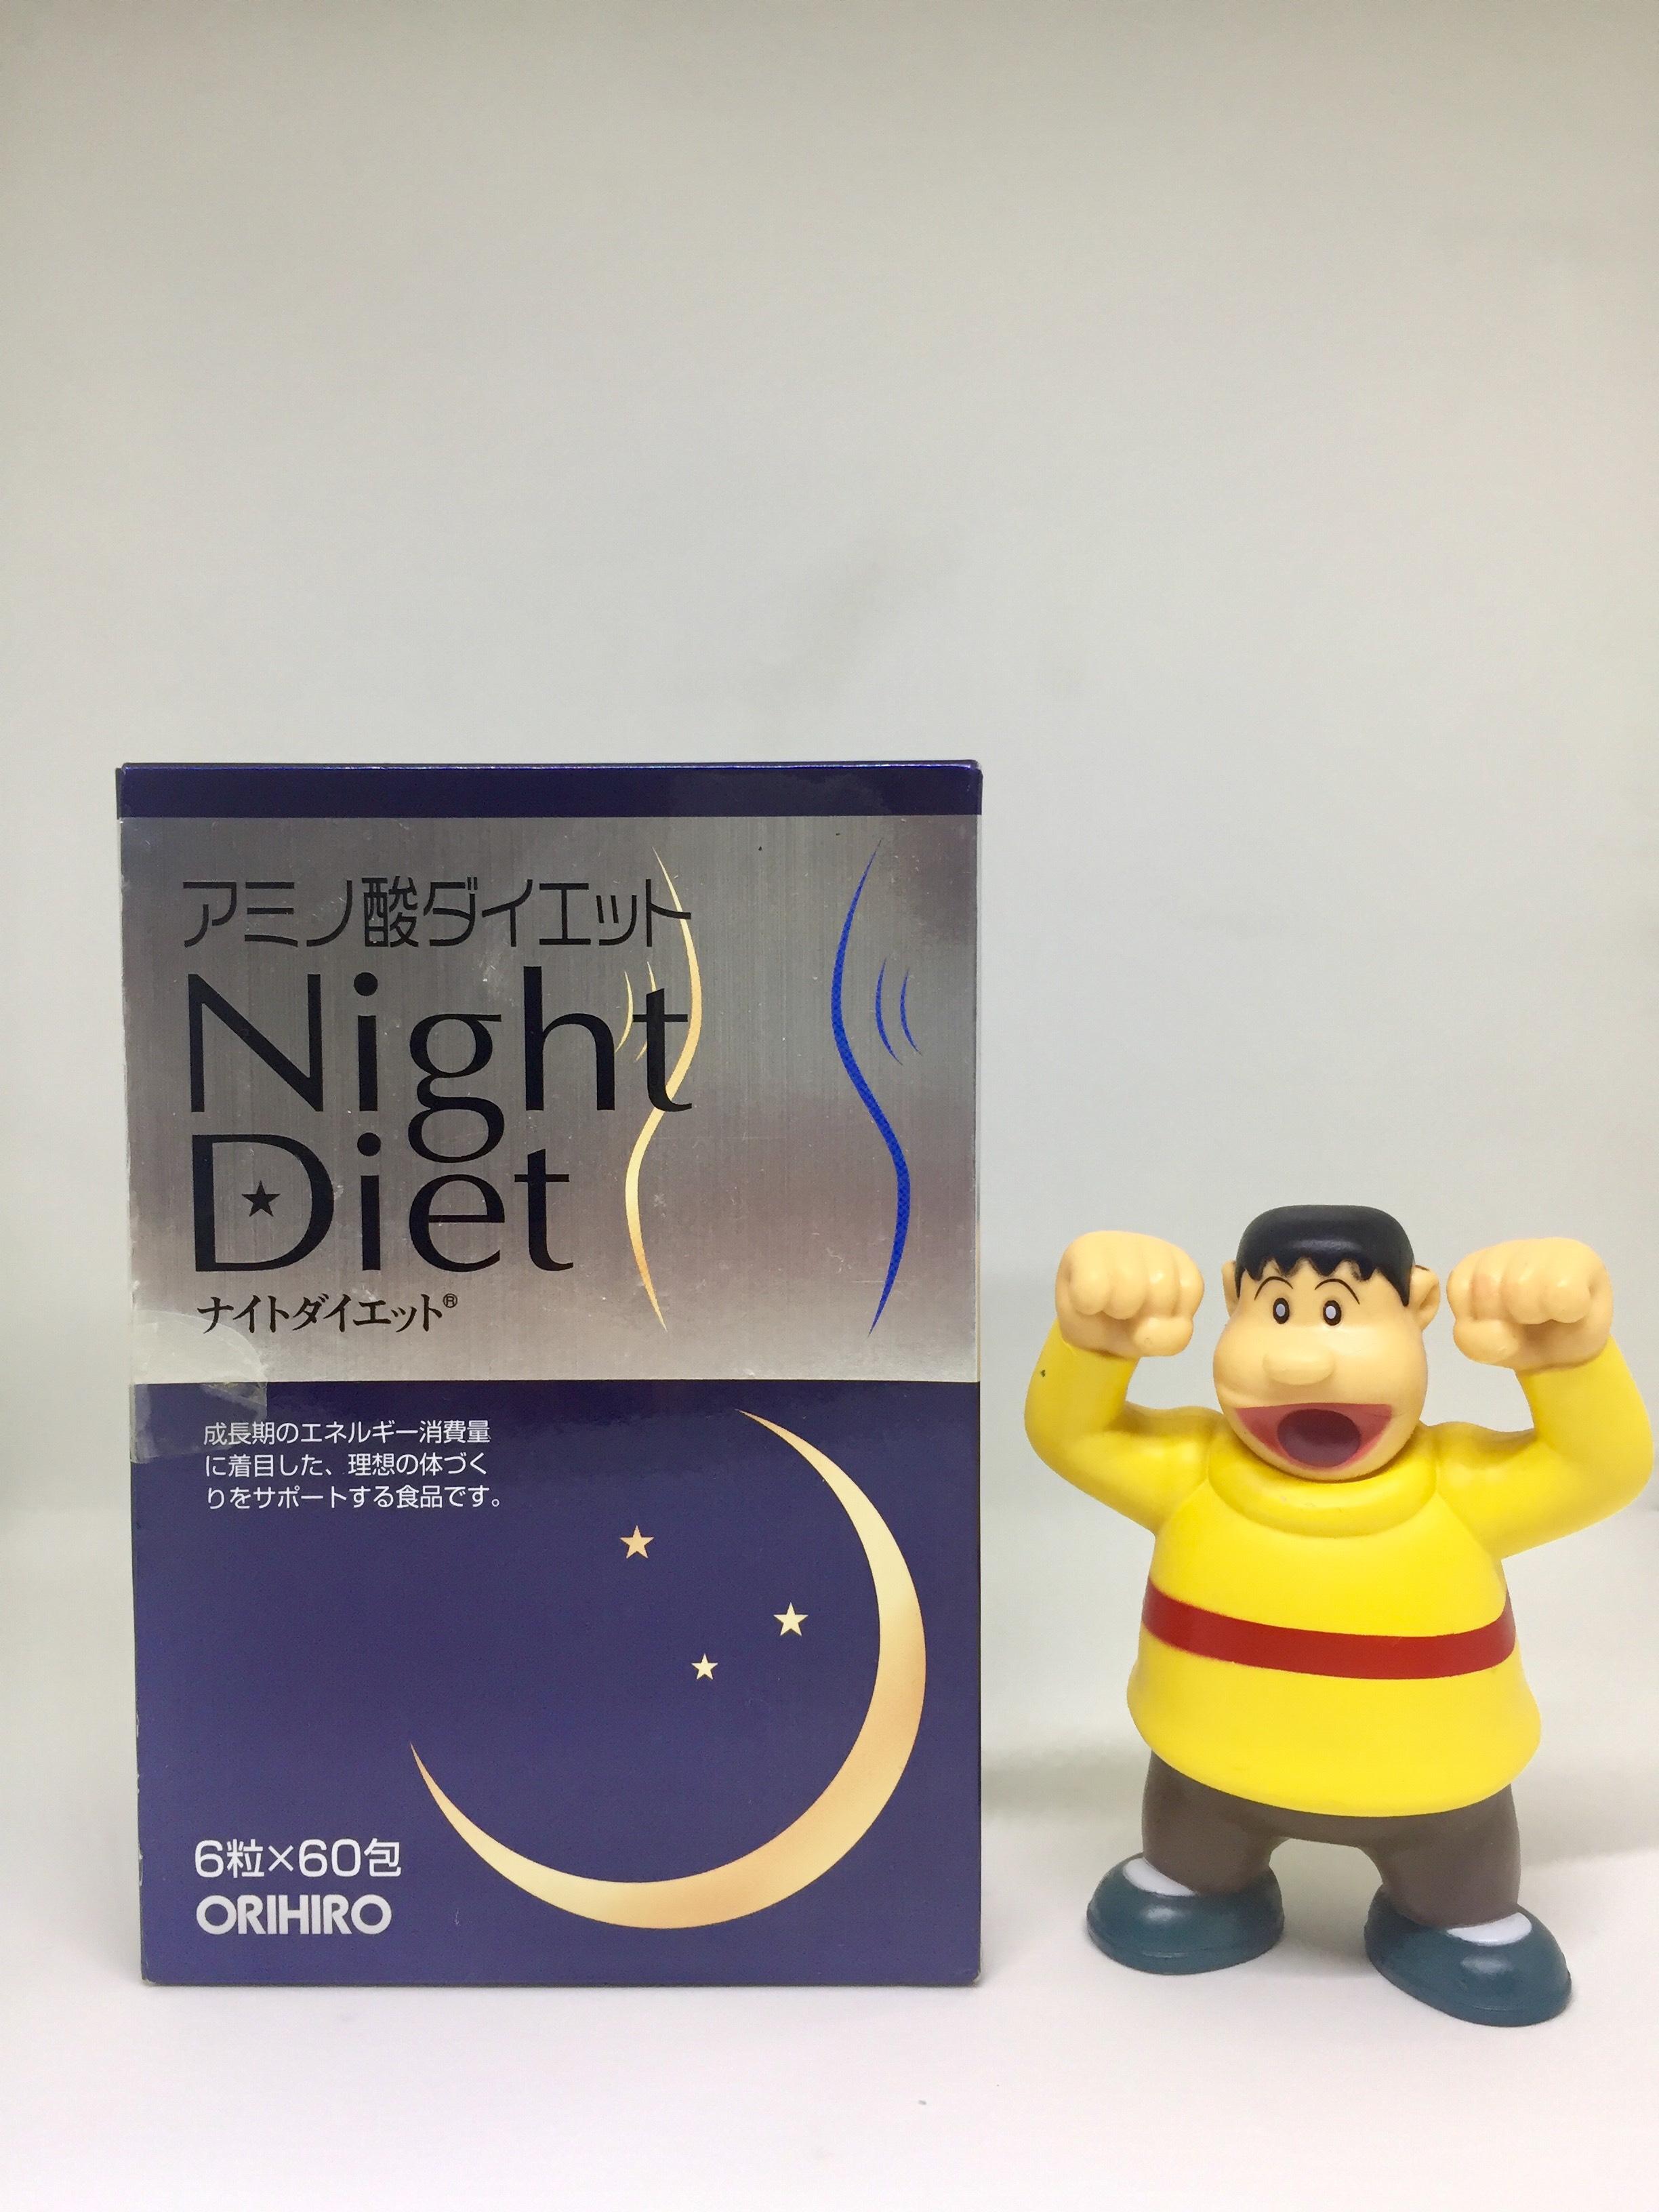 Viên uống giảm cân  Night Diet giá bao nhiêu mua ở đâu tốt nhất